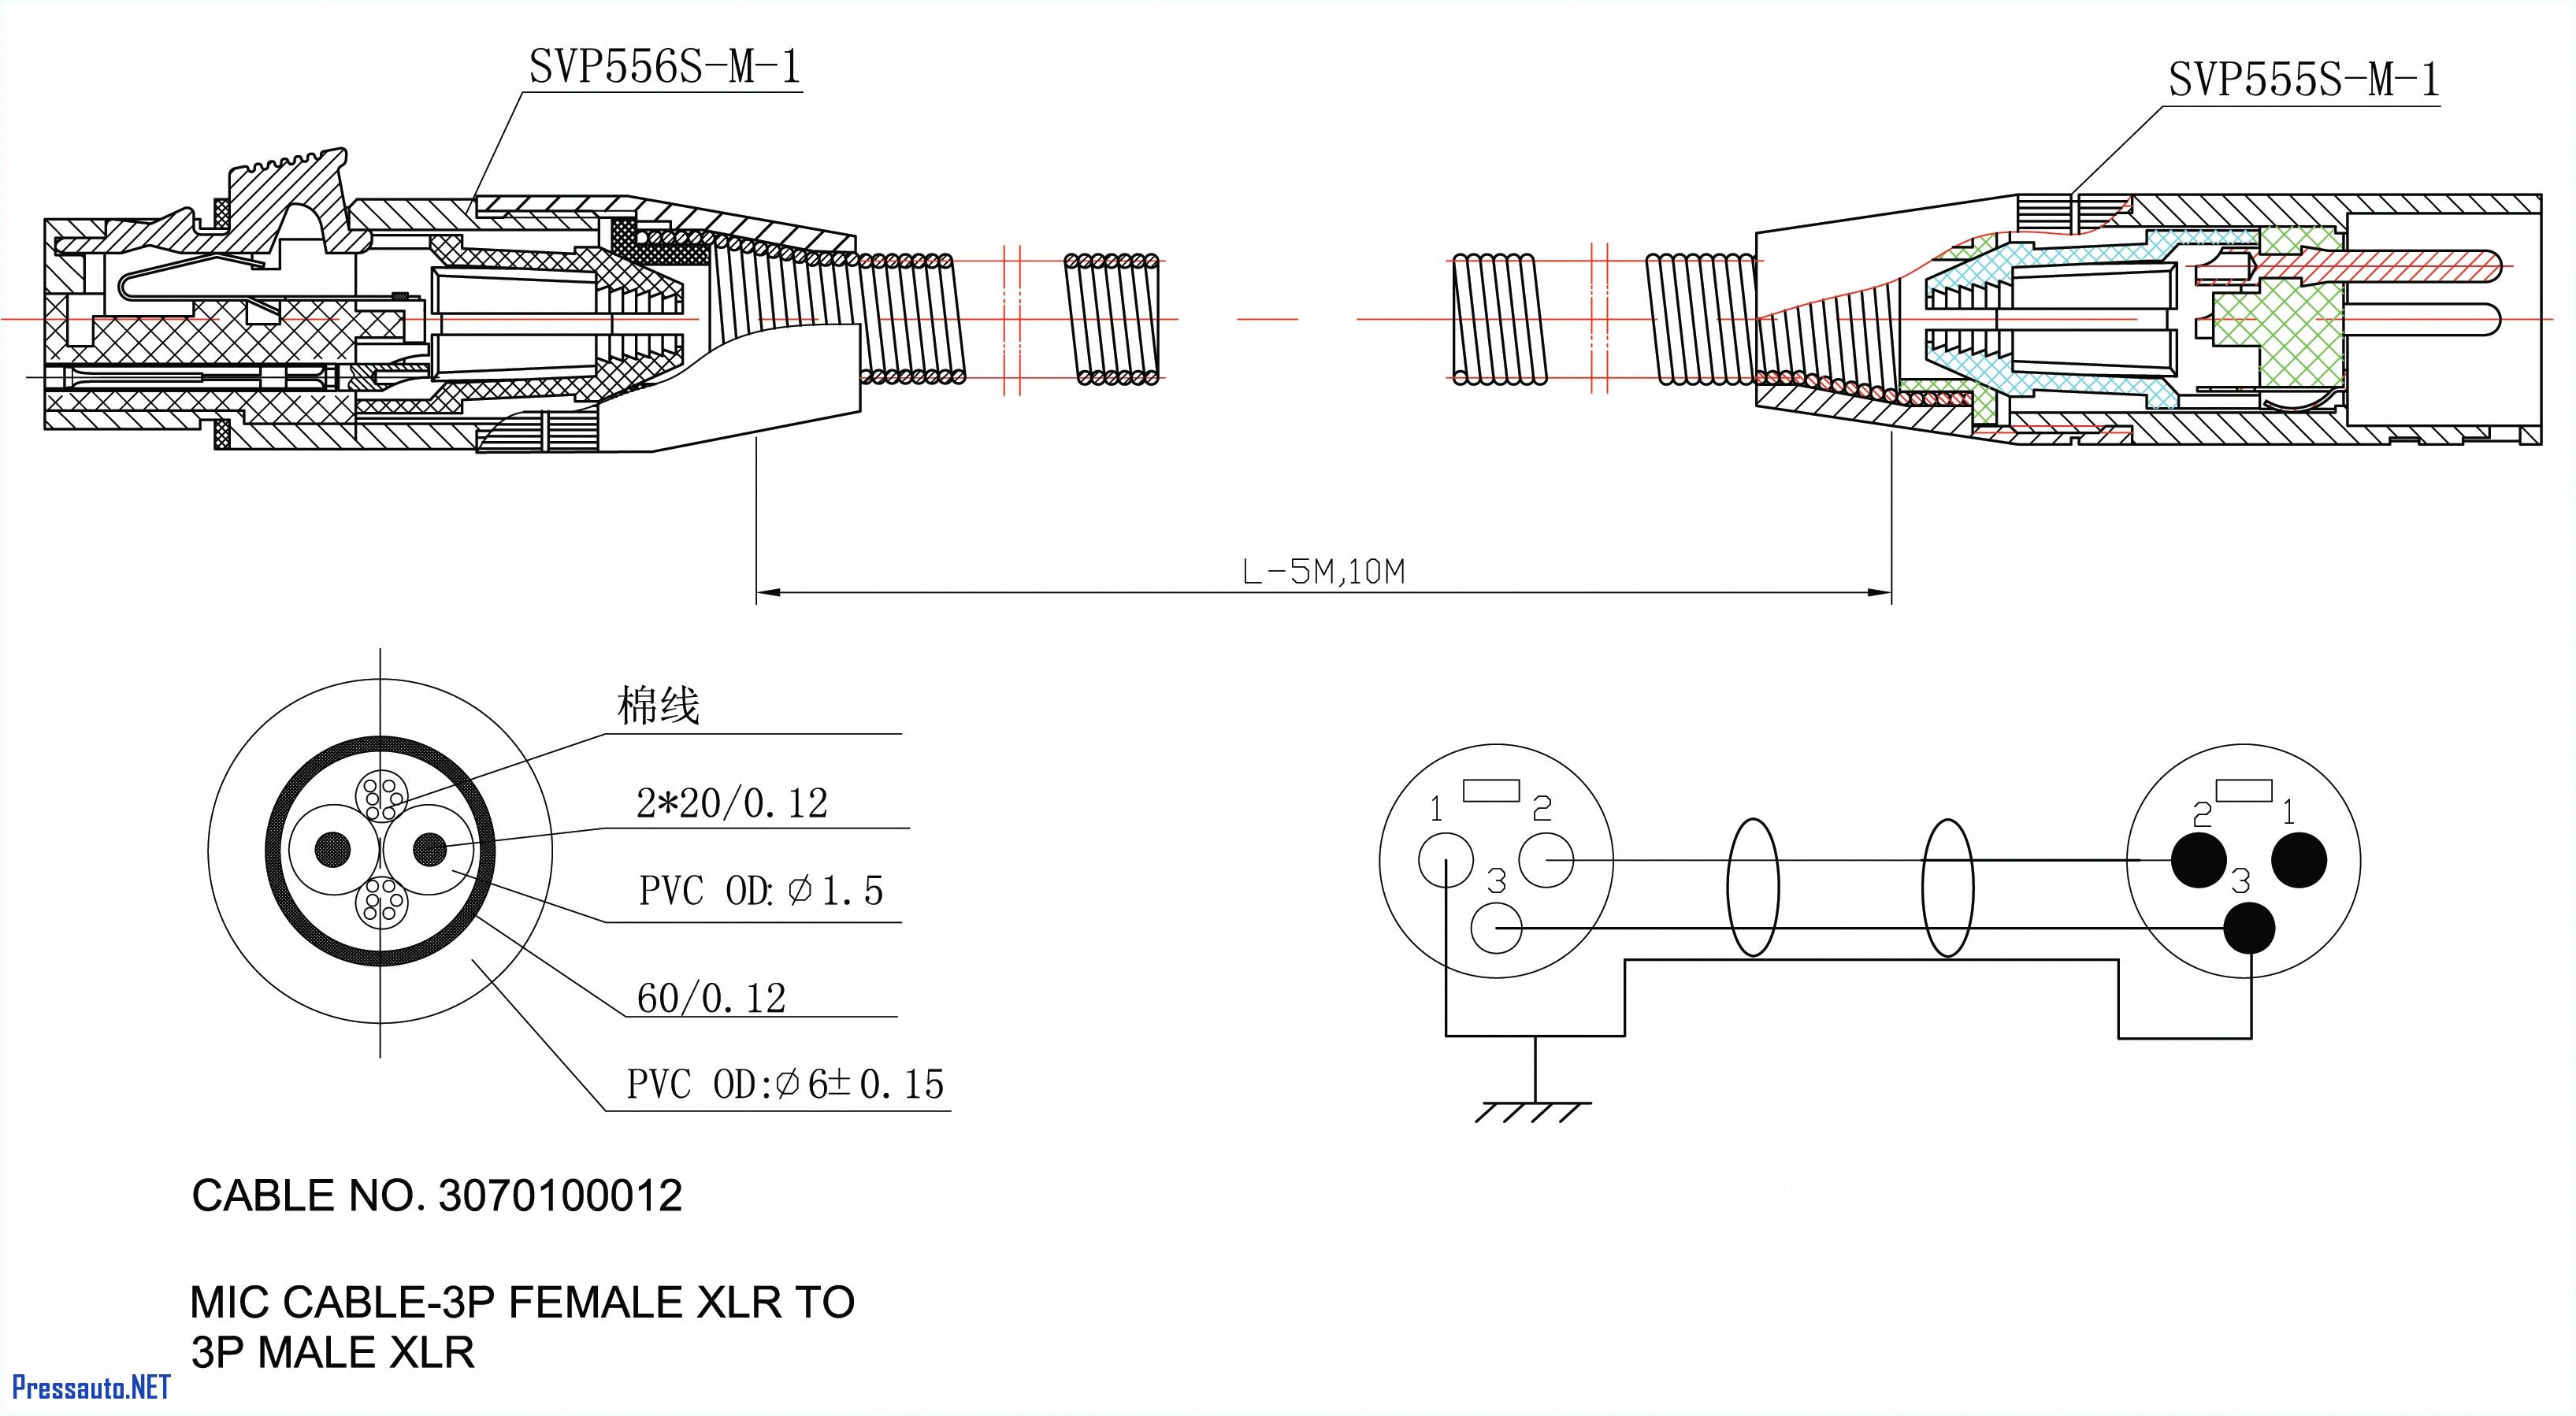 steven mark diagram for wiring wiring diagrams valuesteven mark diagram for wiring manual e book steven